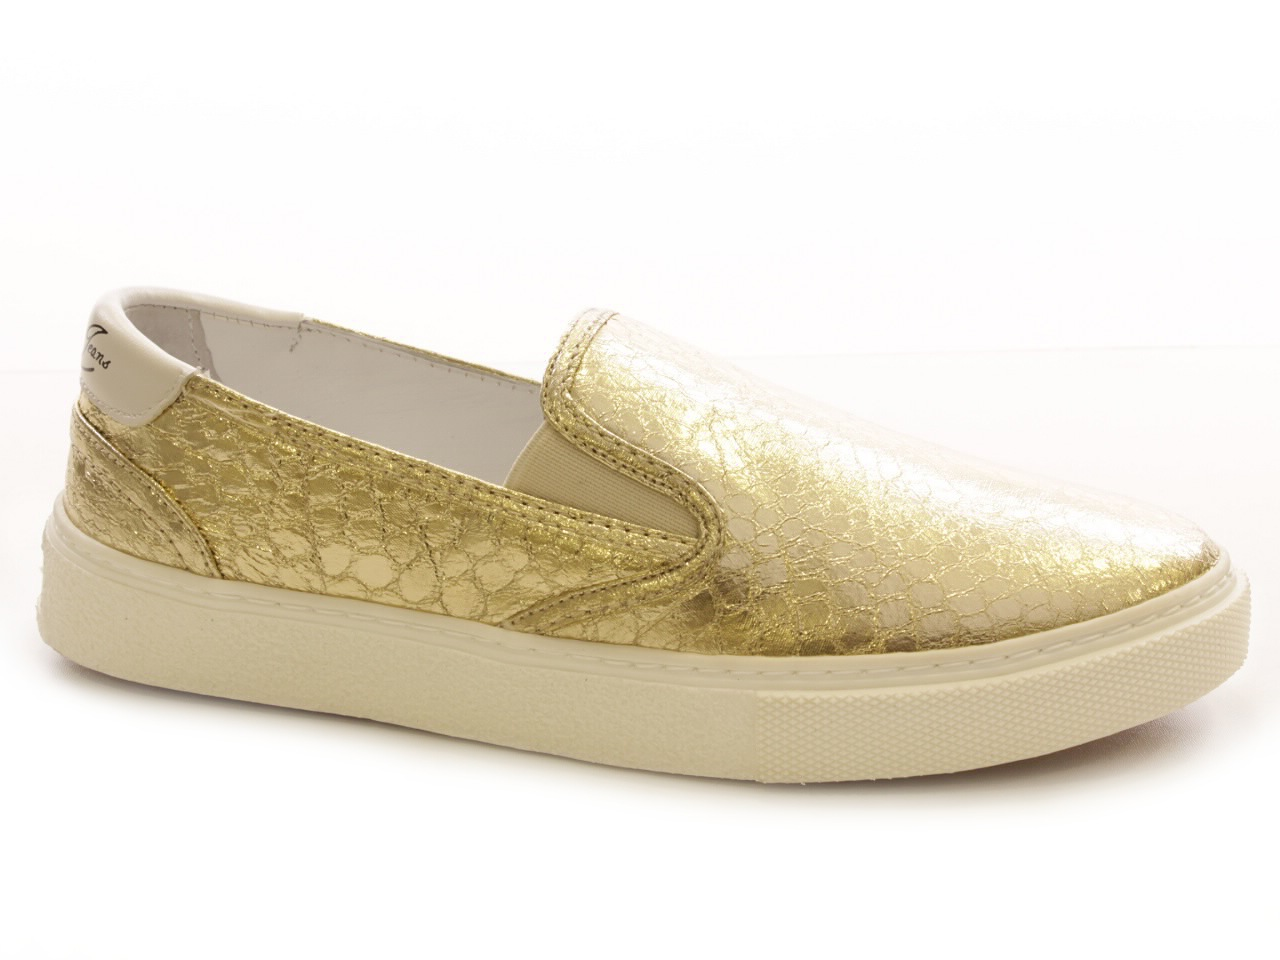 Sneakers, Espadrilles Replay - 621 DIAZ